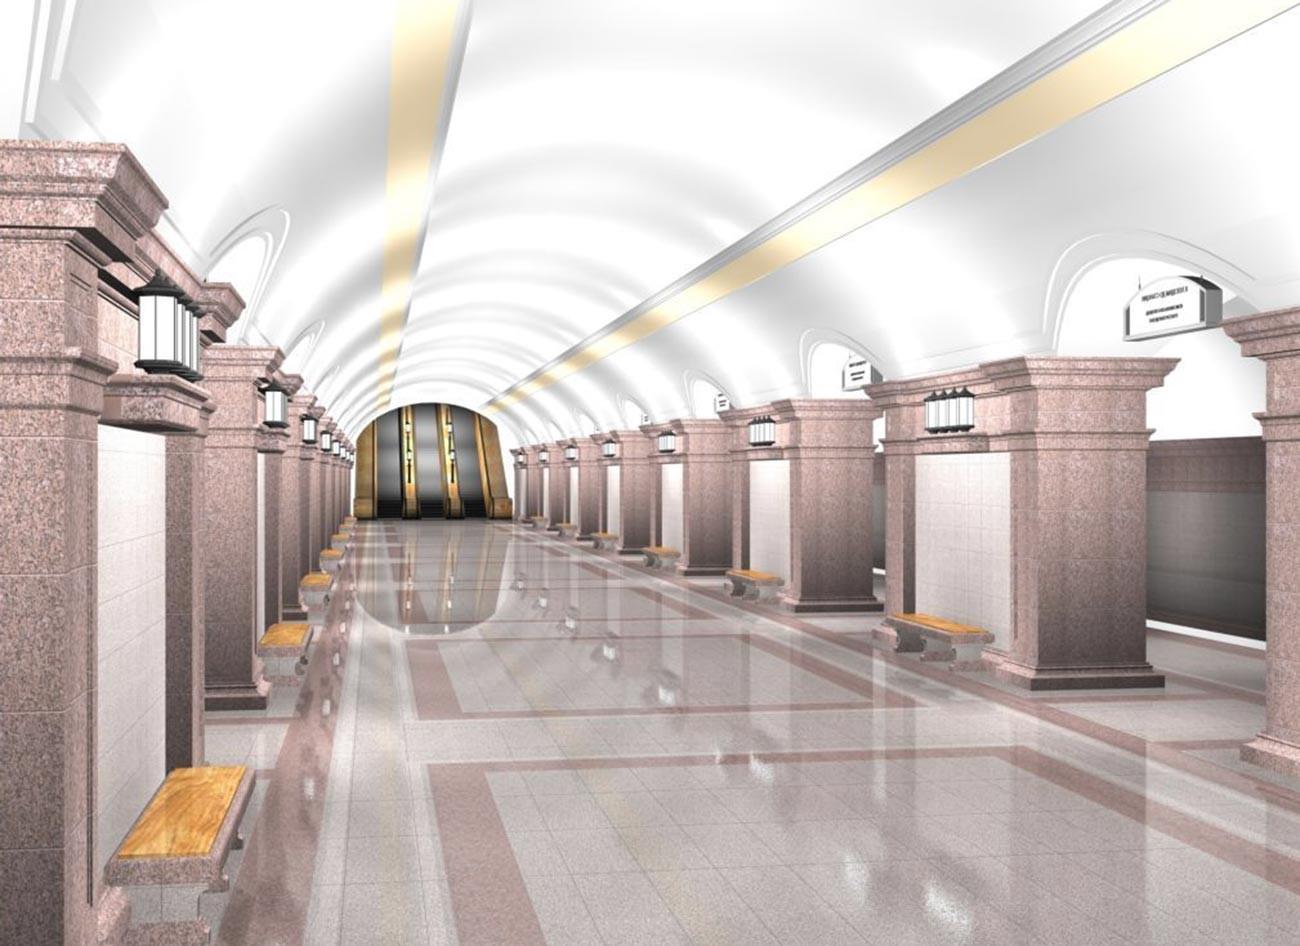 Desain stasiun Metro Chelyabinsk